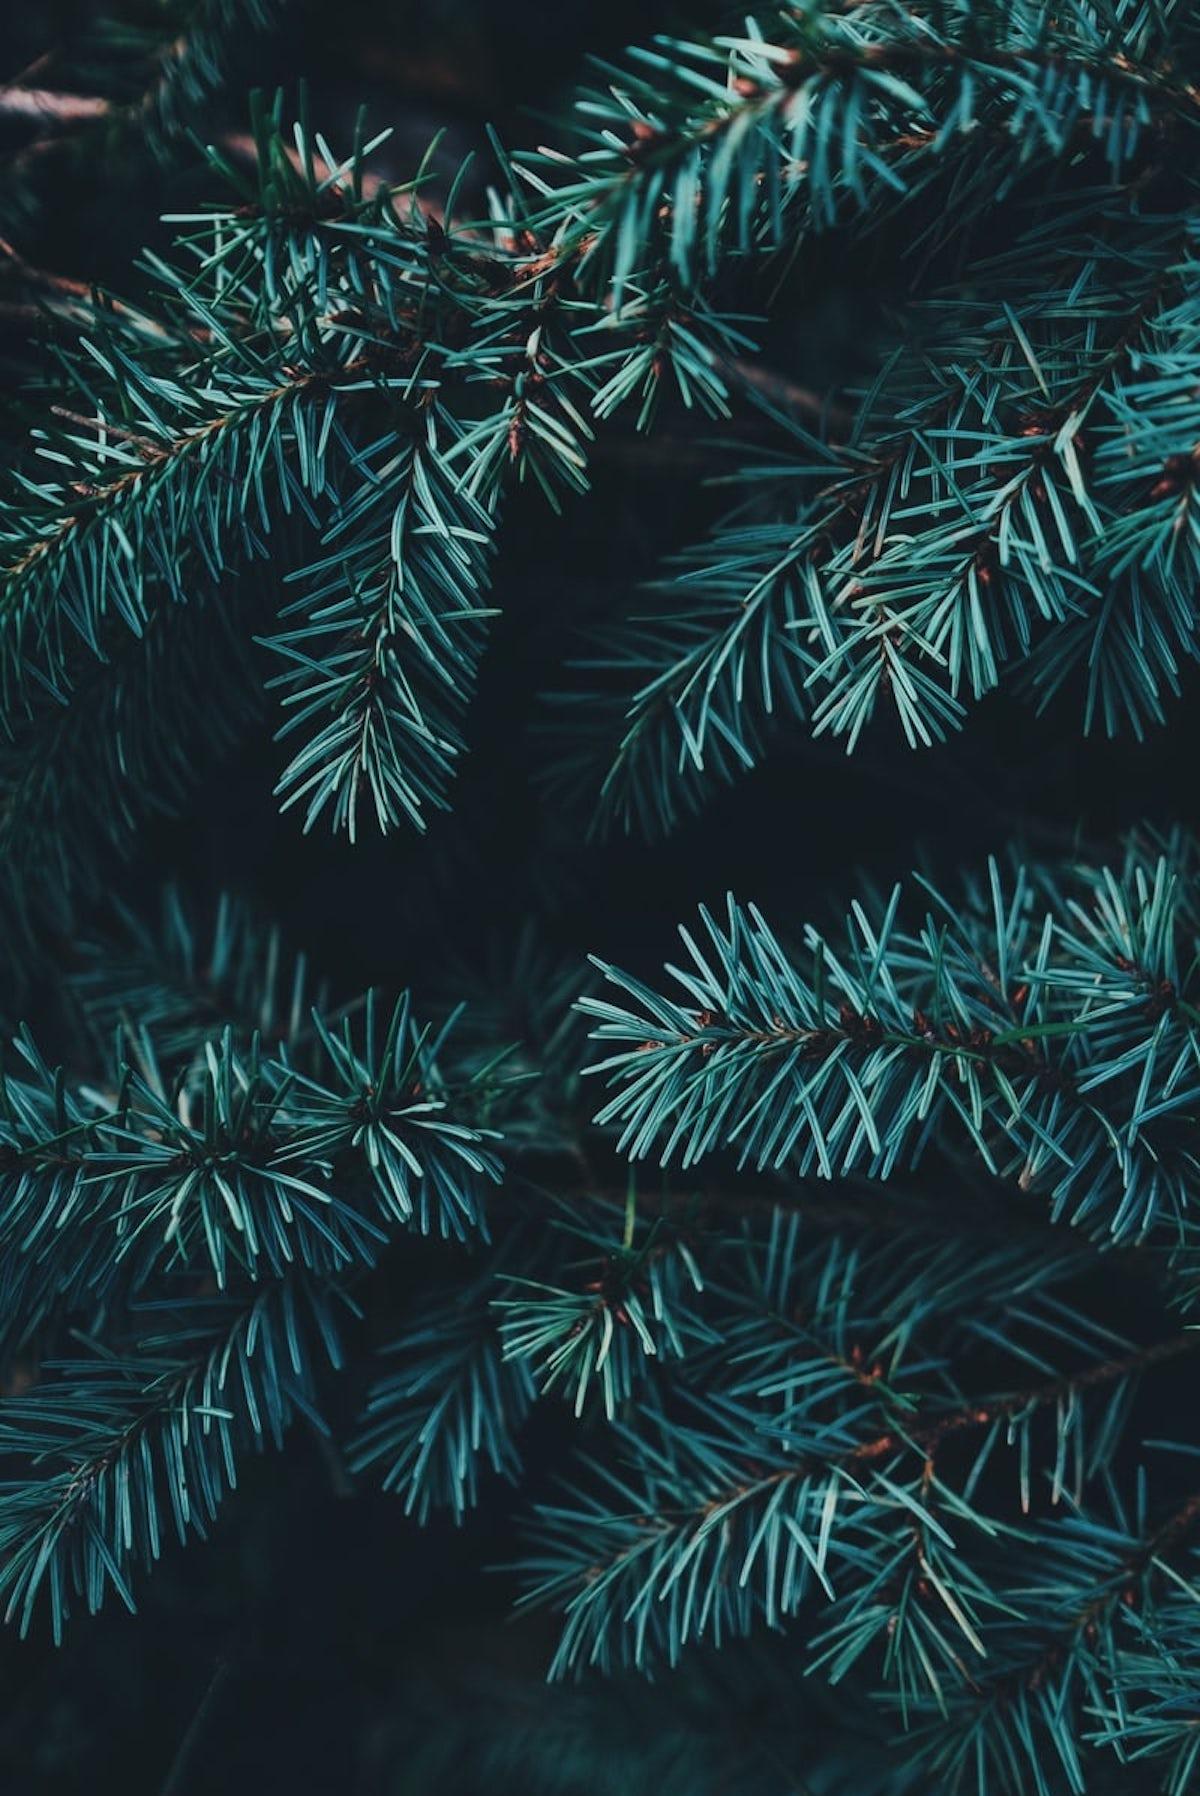 épine de sapin de noël vert naturel fête bleu